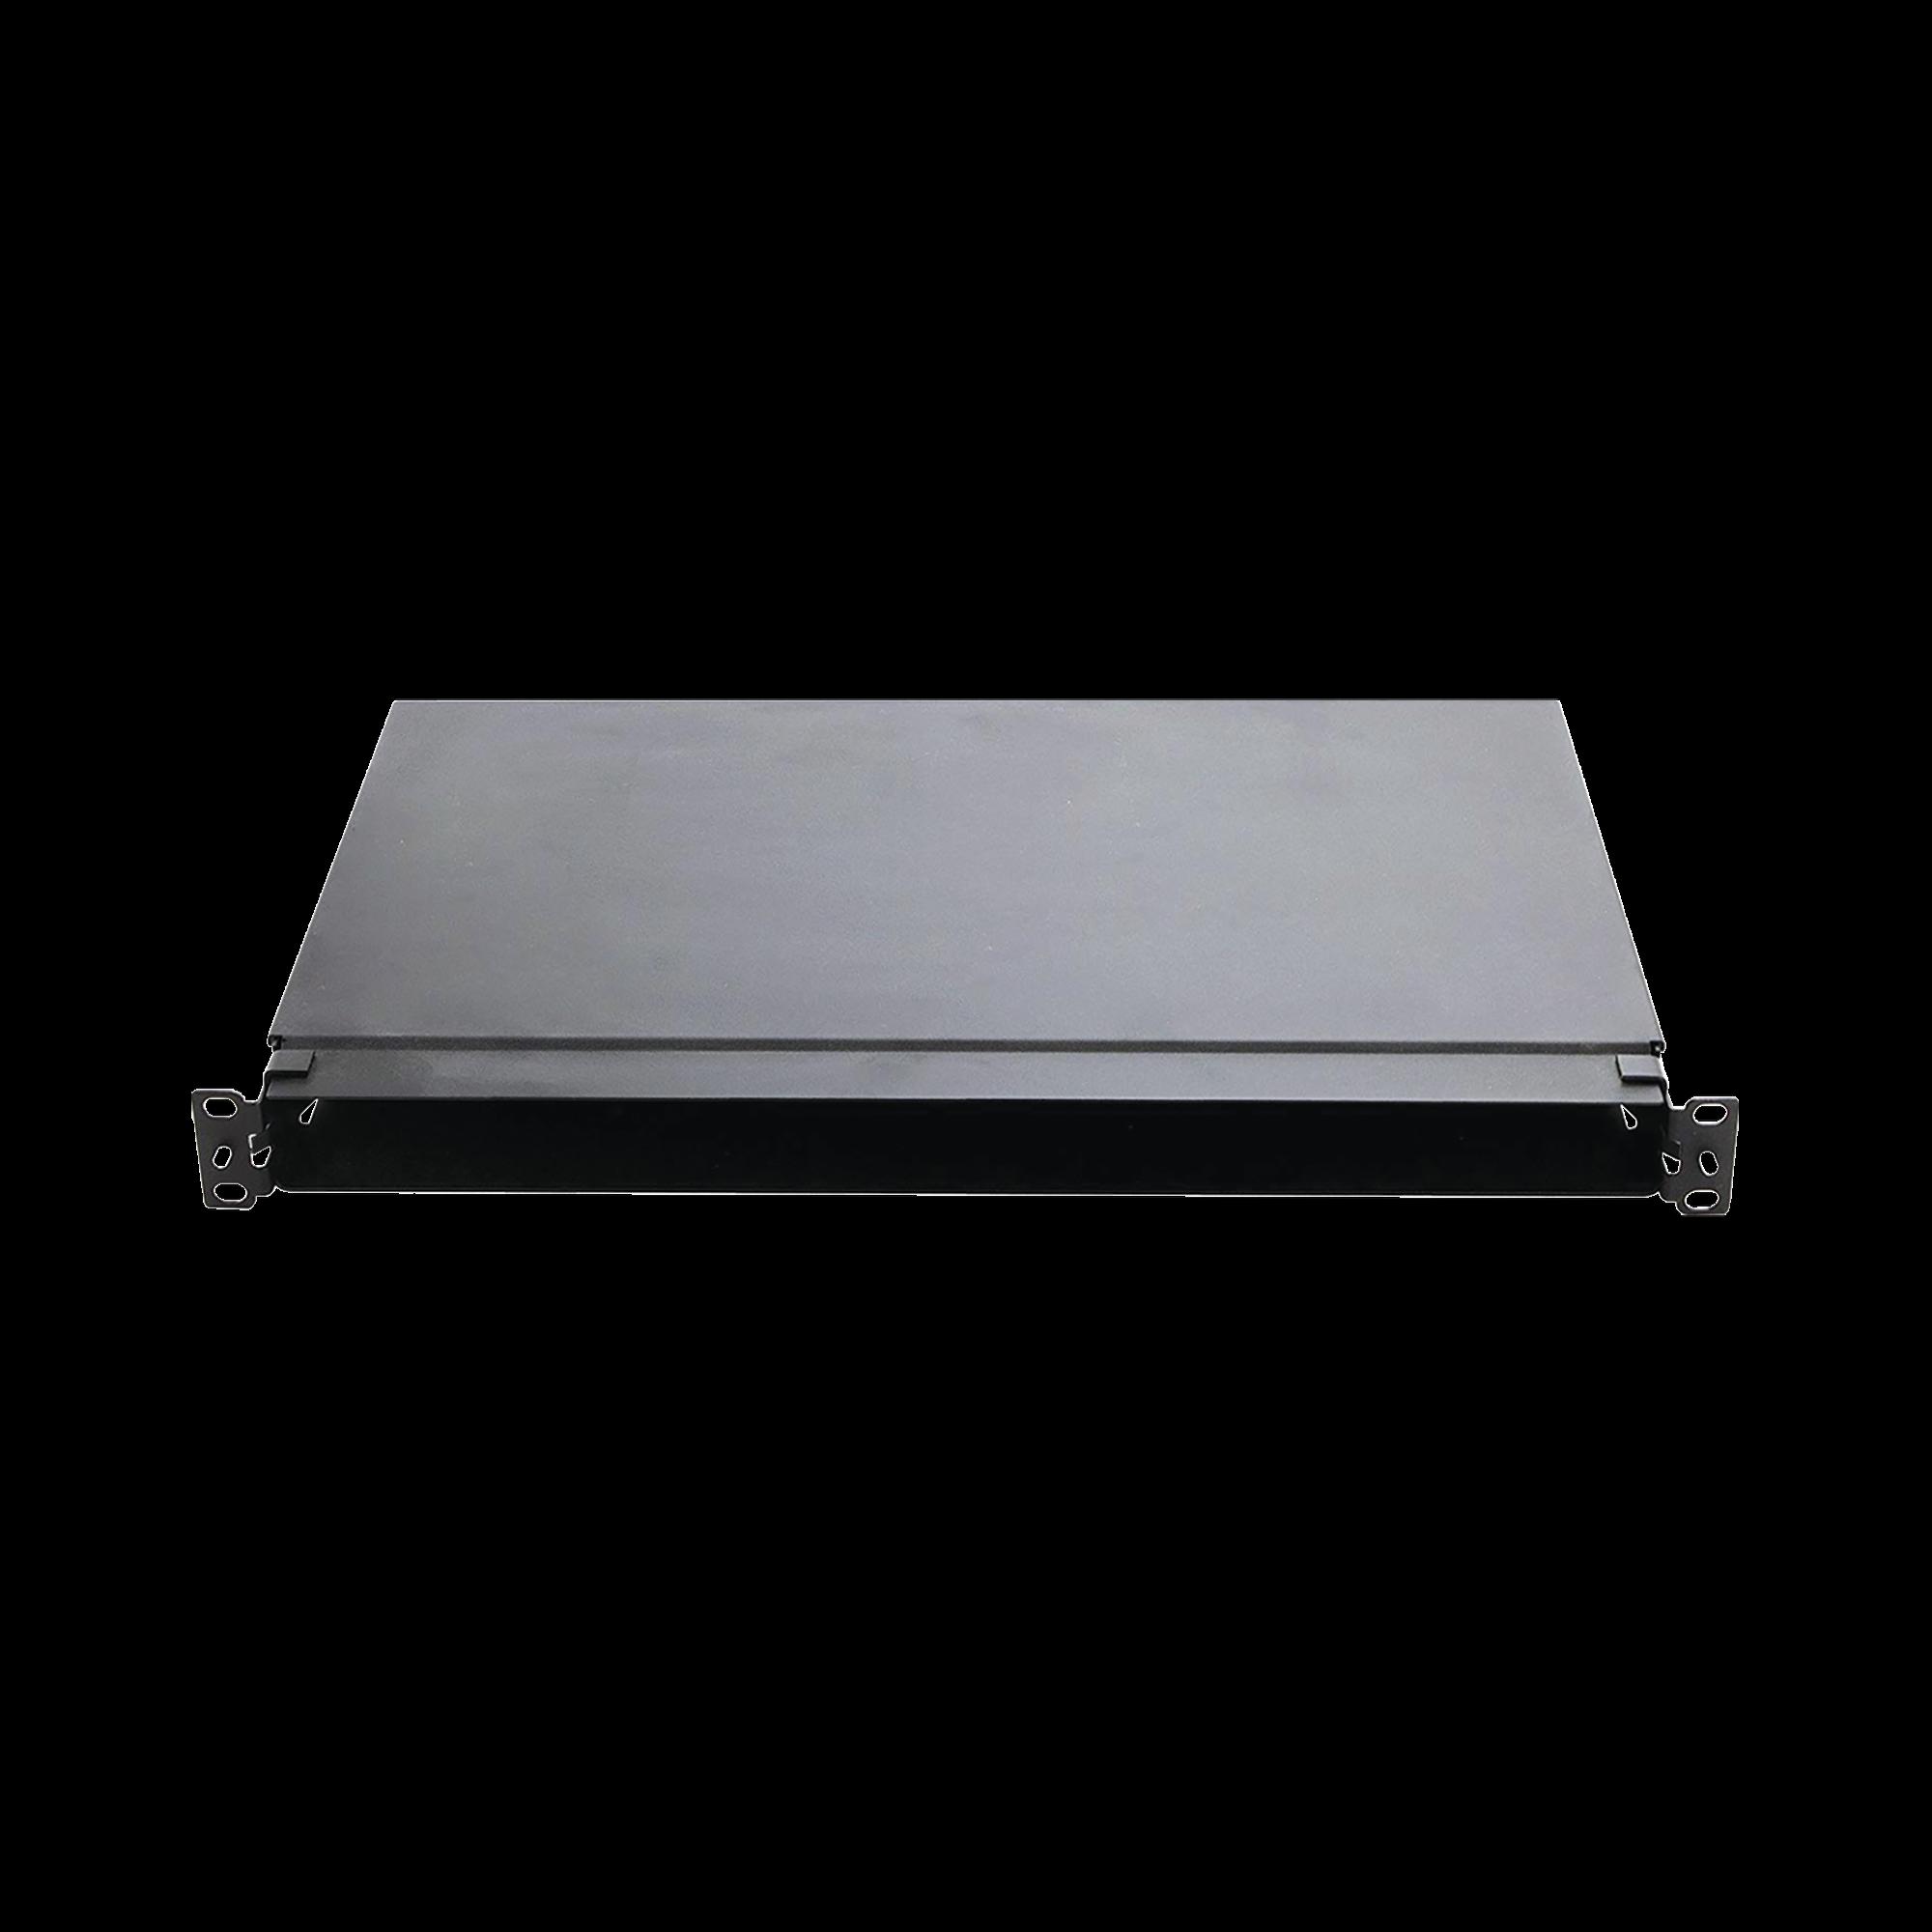 Panel de Distribución de Fibra óptica, Acepta 4 Casetes QuickNet o Placas FAP/FMP con Panel CFAPPBL1 (No Incluido), Bandeja Fija, Hasta 96 Fibras, Color Negro, 1UR